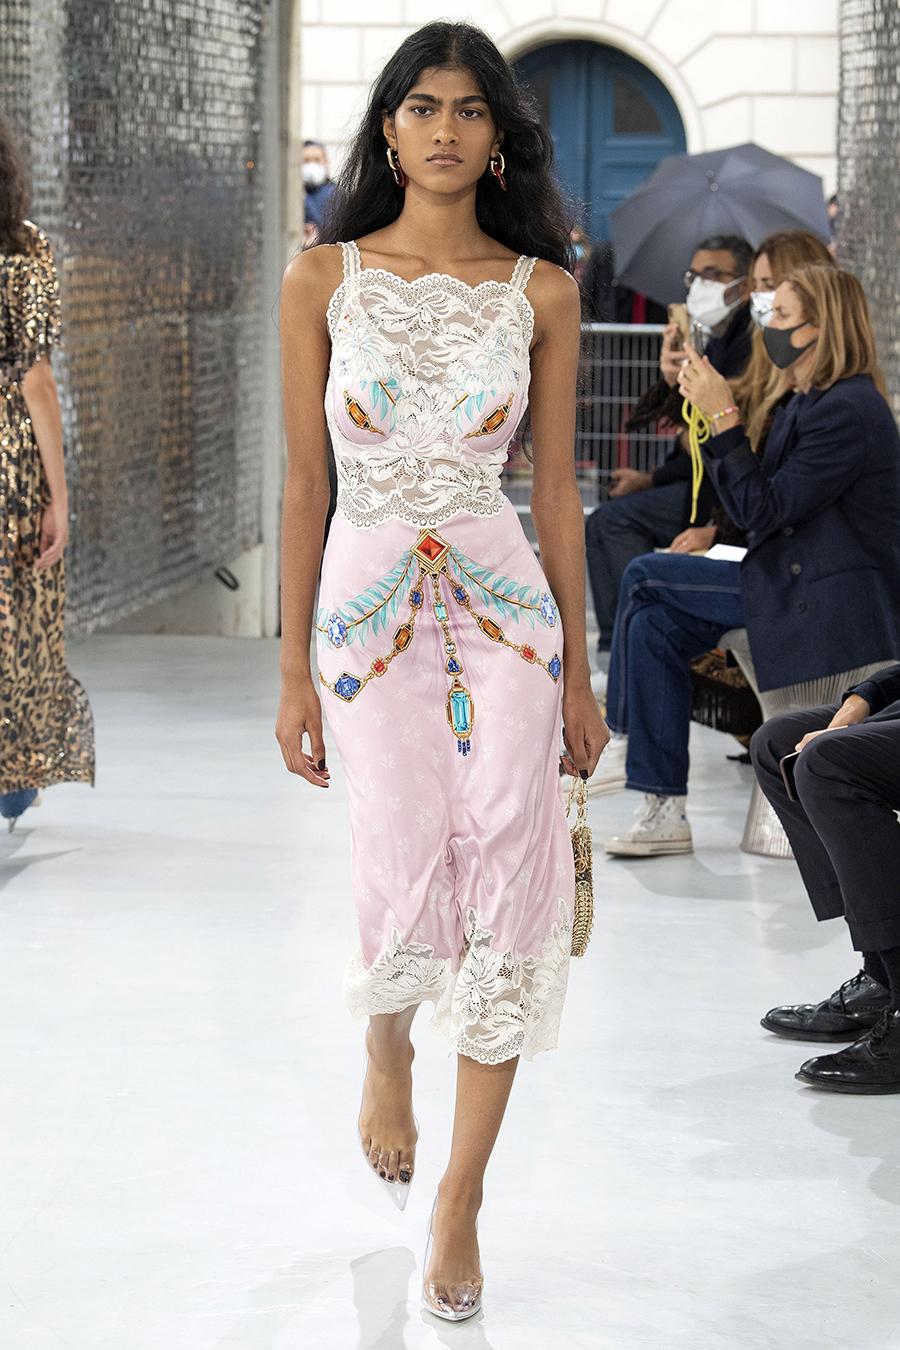 модный сарафан в бельевом стиле комбинация лето 2021 тренды что купить в жарурозовый белый цветы кружево миди